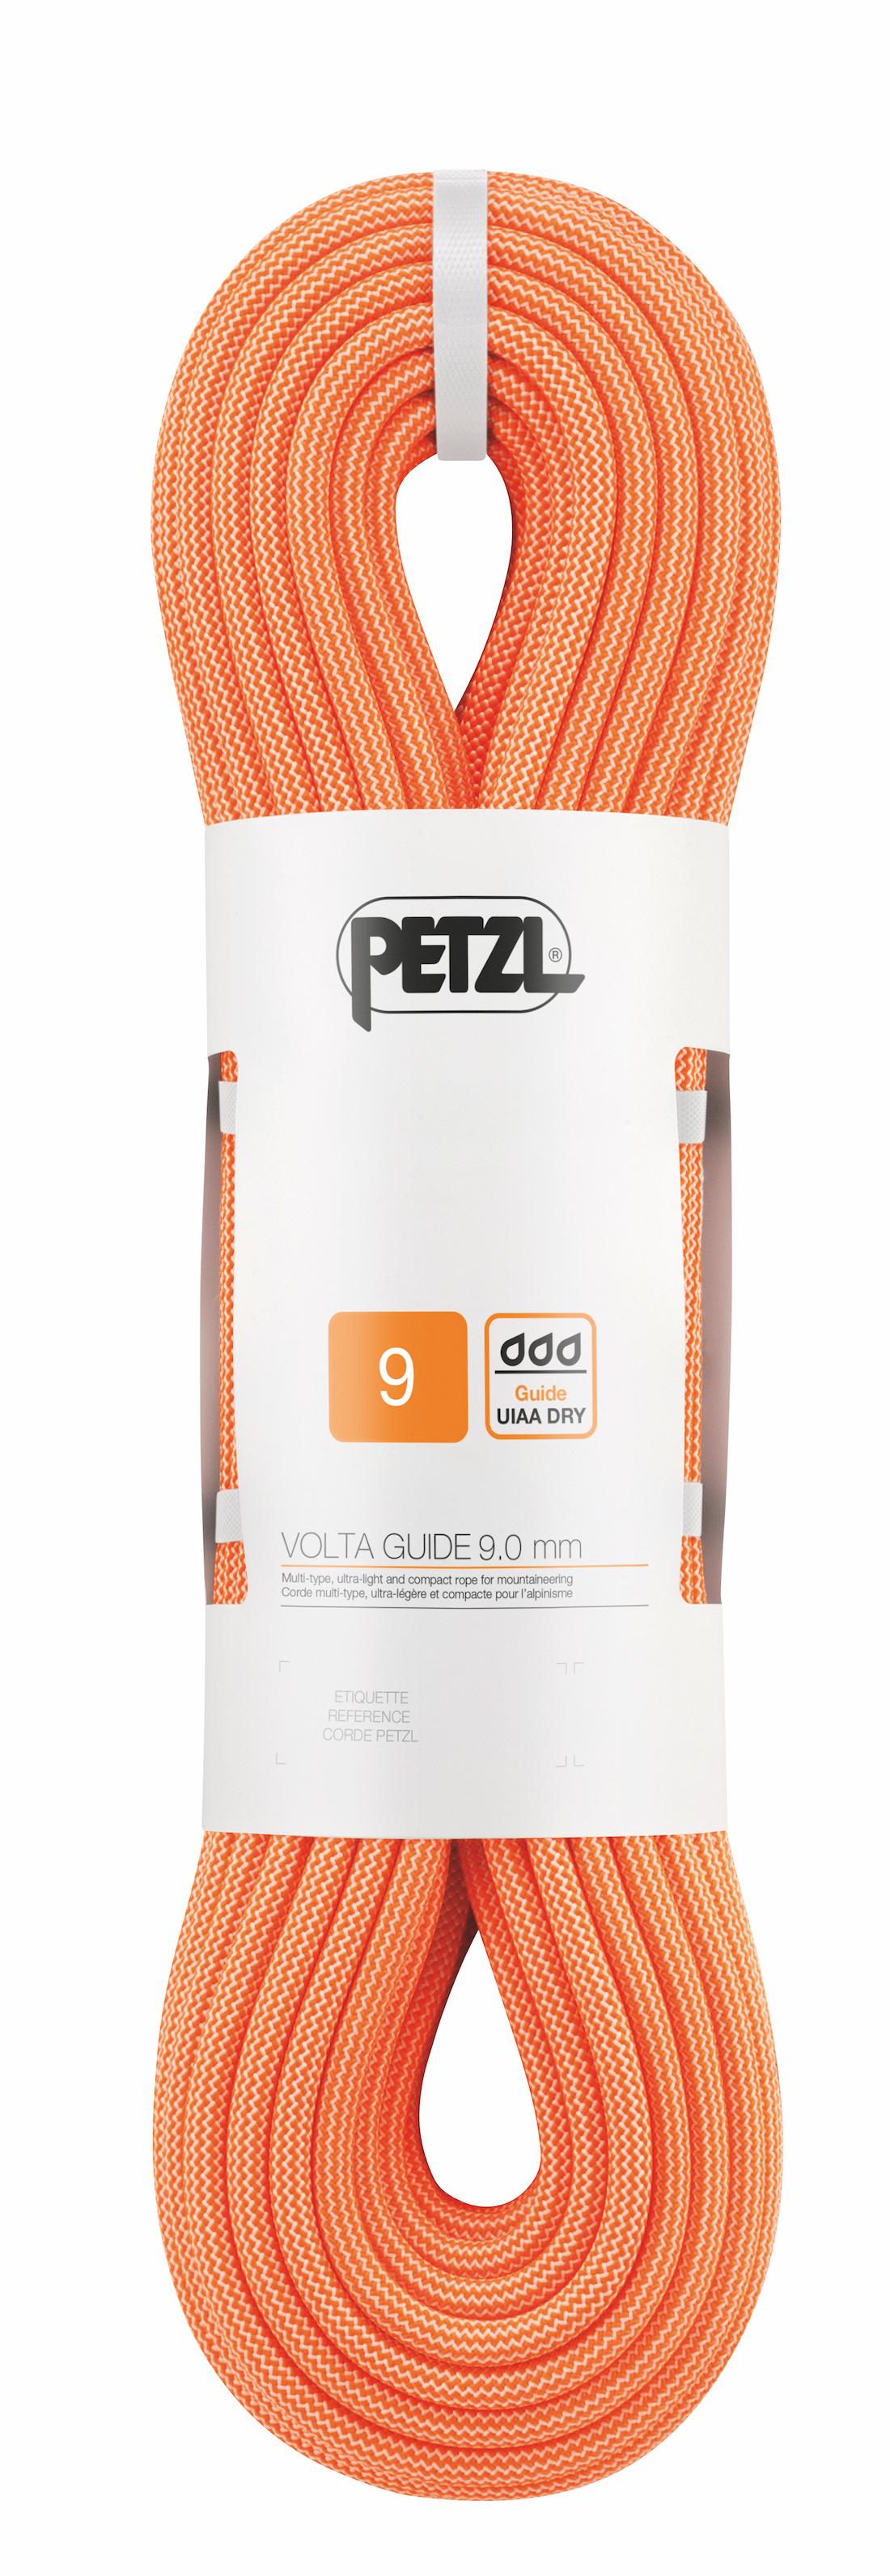 Petzl Volta Guide 9 mm - Kletterseil